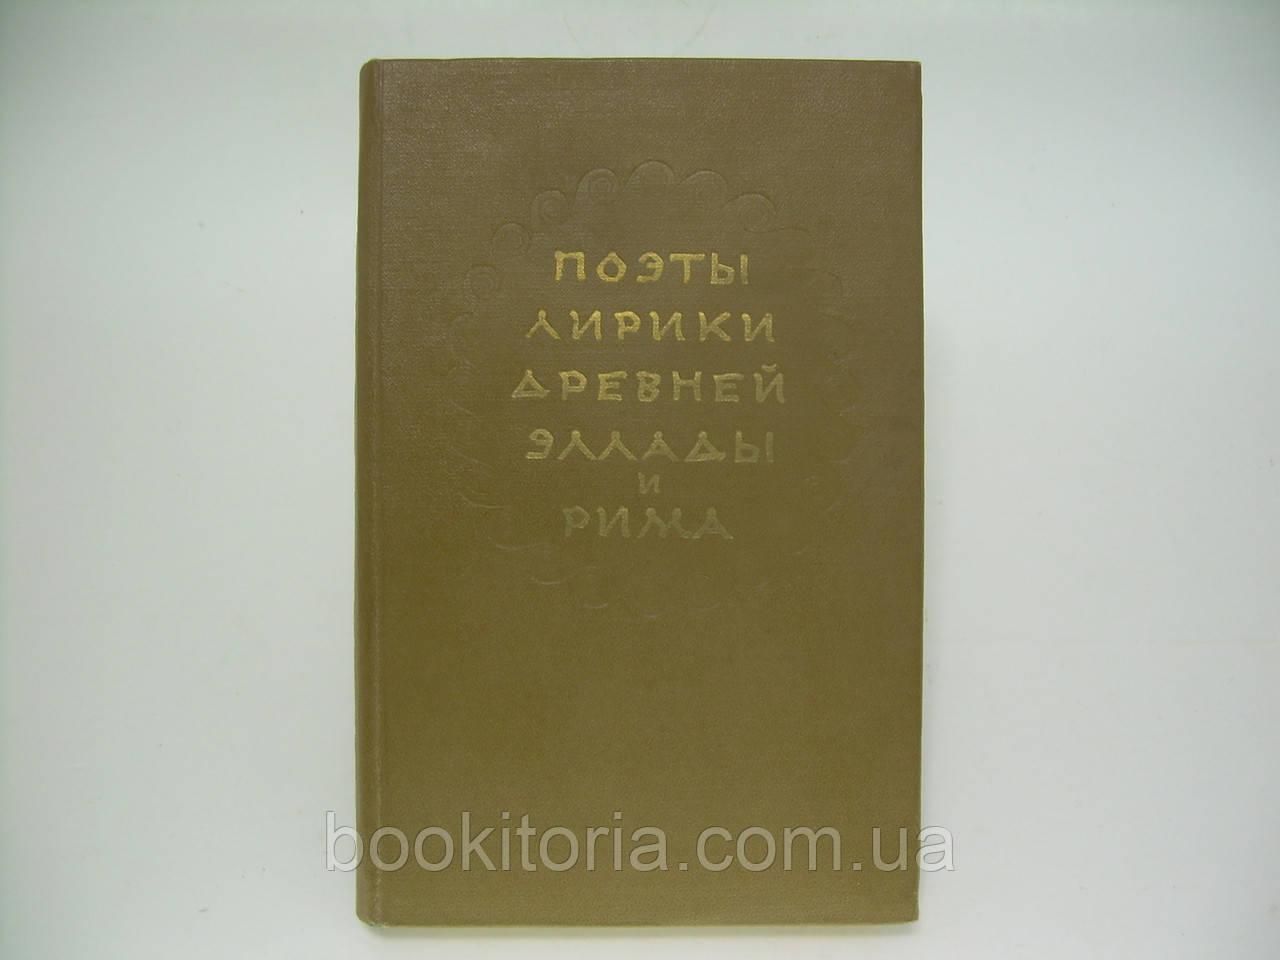 Поэты-лирики Древней Эллады и Рима (б/у).